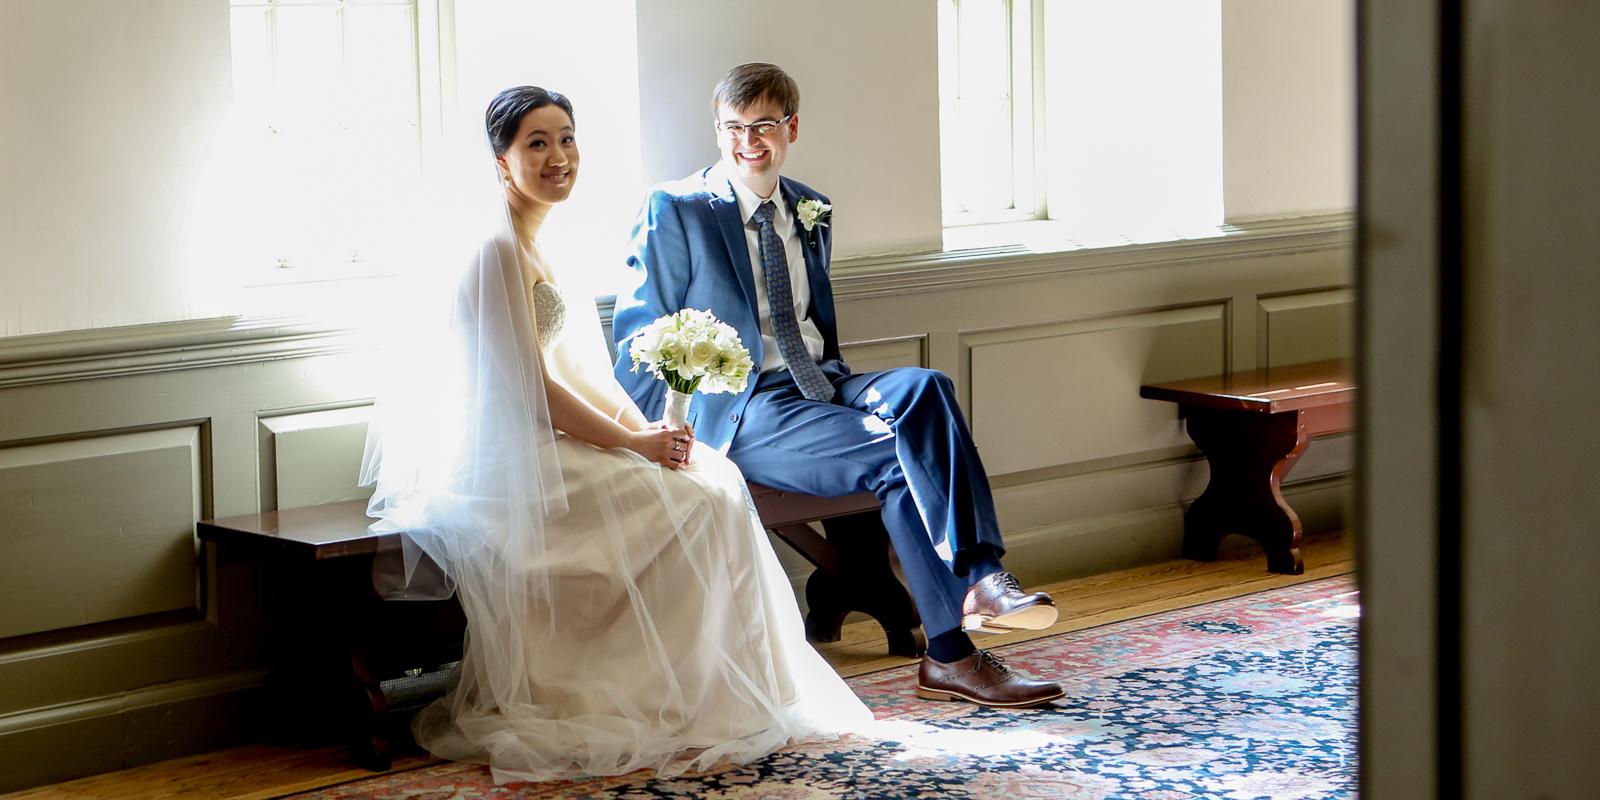 160626-kim-gill-wedding-0971-web-ready